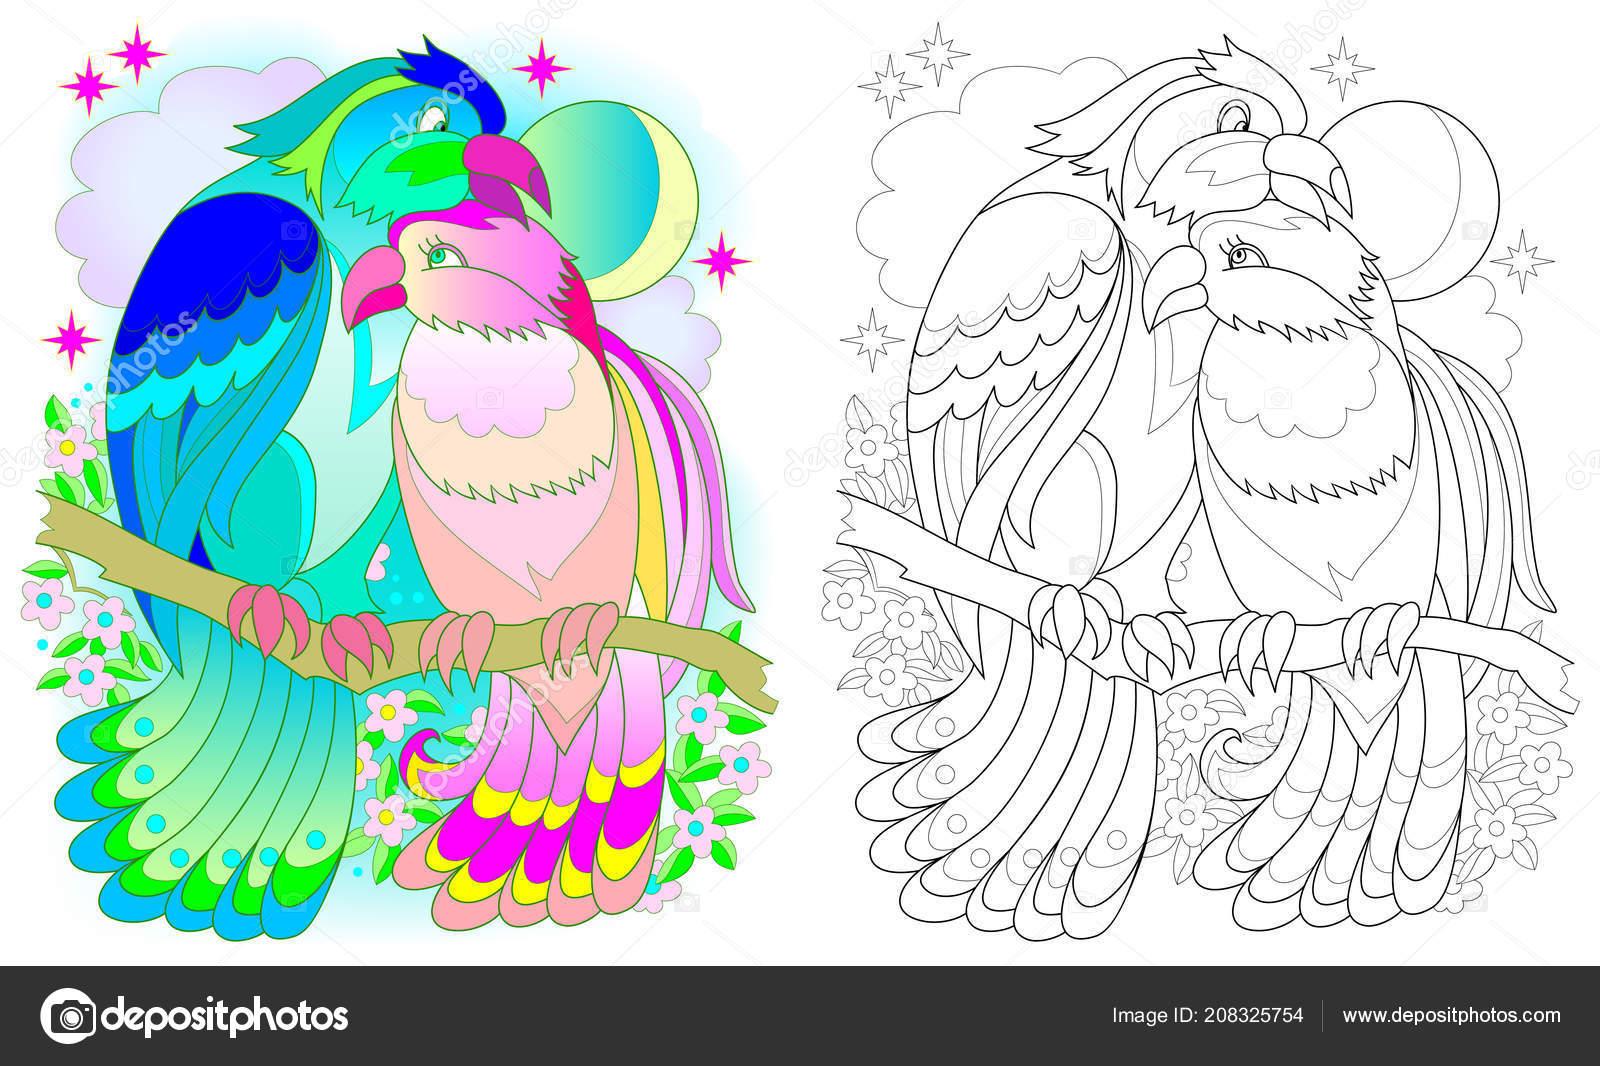 Padrão Colorido Preto Branco Para Colorir Fantasia Desenho